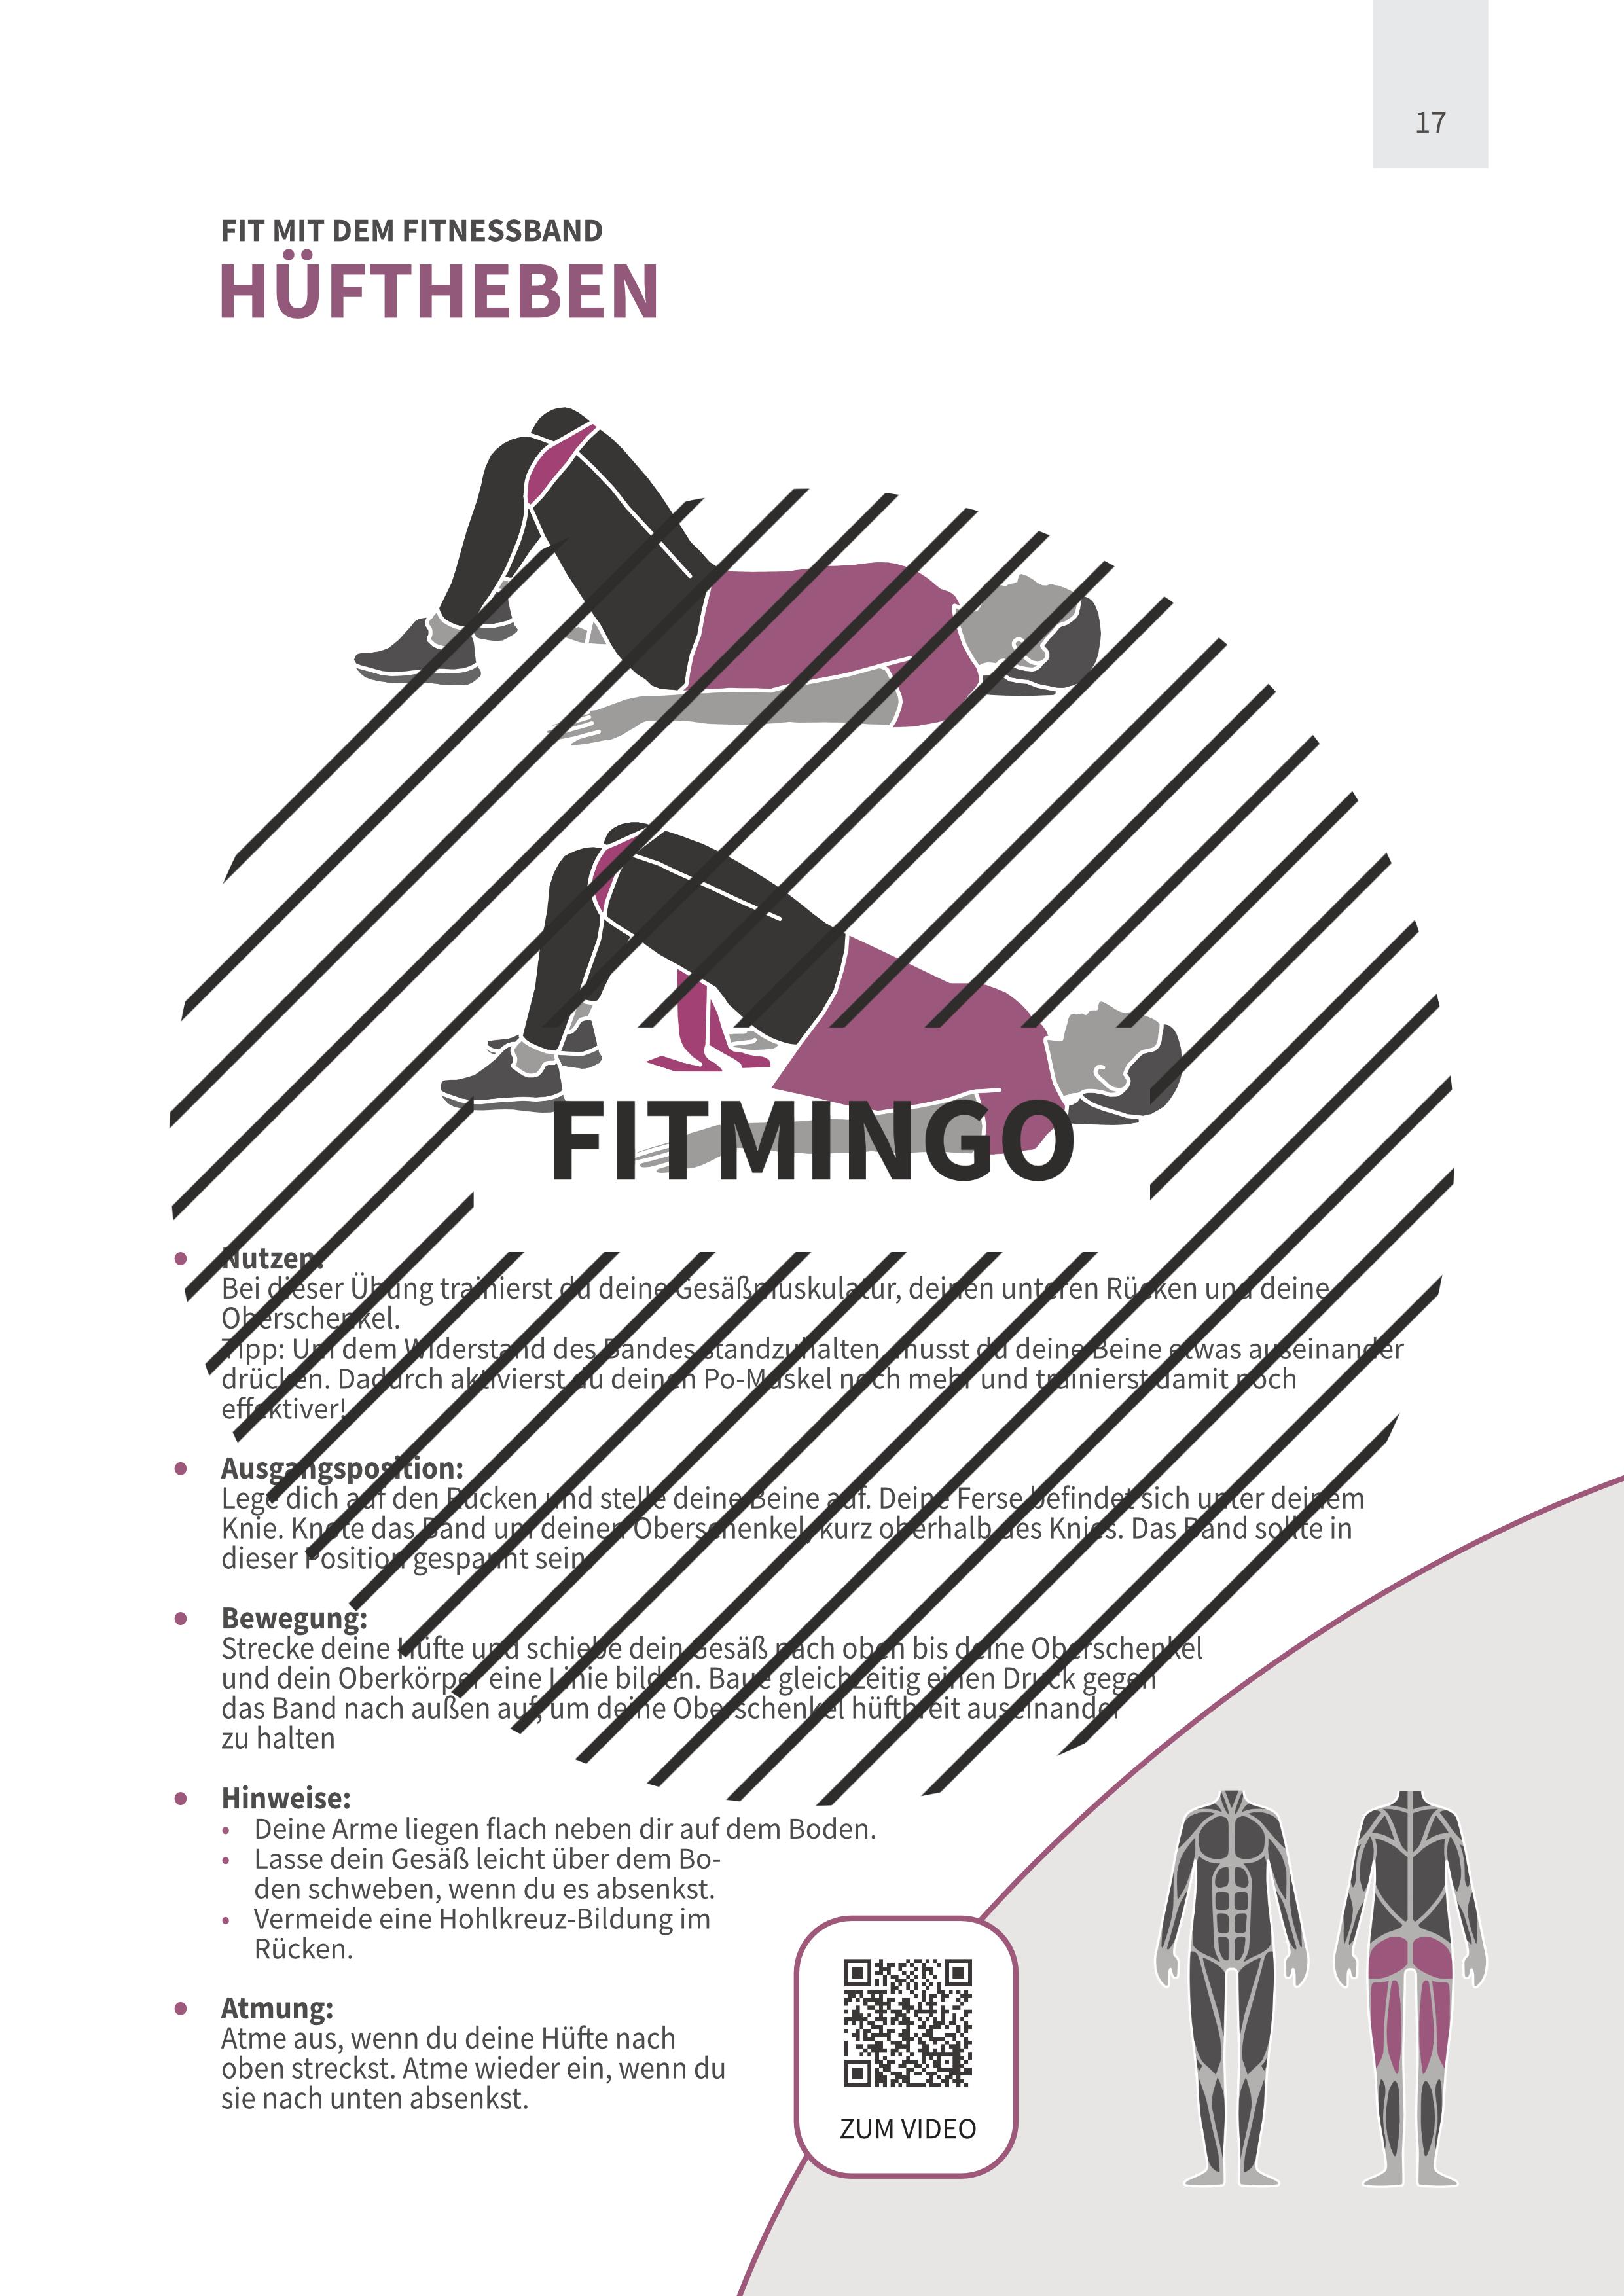 Hüftheben mit Fitnessband